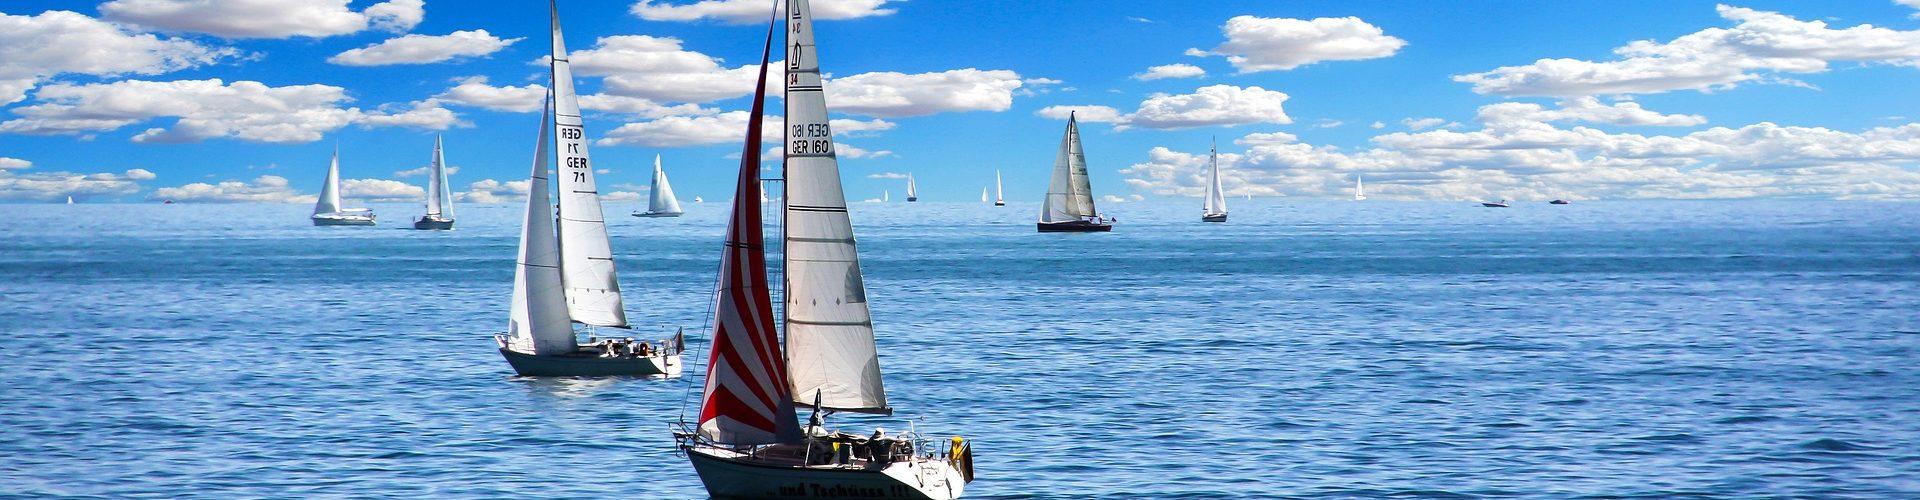 segeln lernen in Kusterdingen segelschein machen in Kusterdingen 1920x500 - Segeln lernen in Kusterdingen